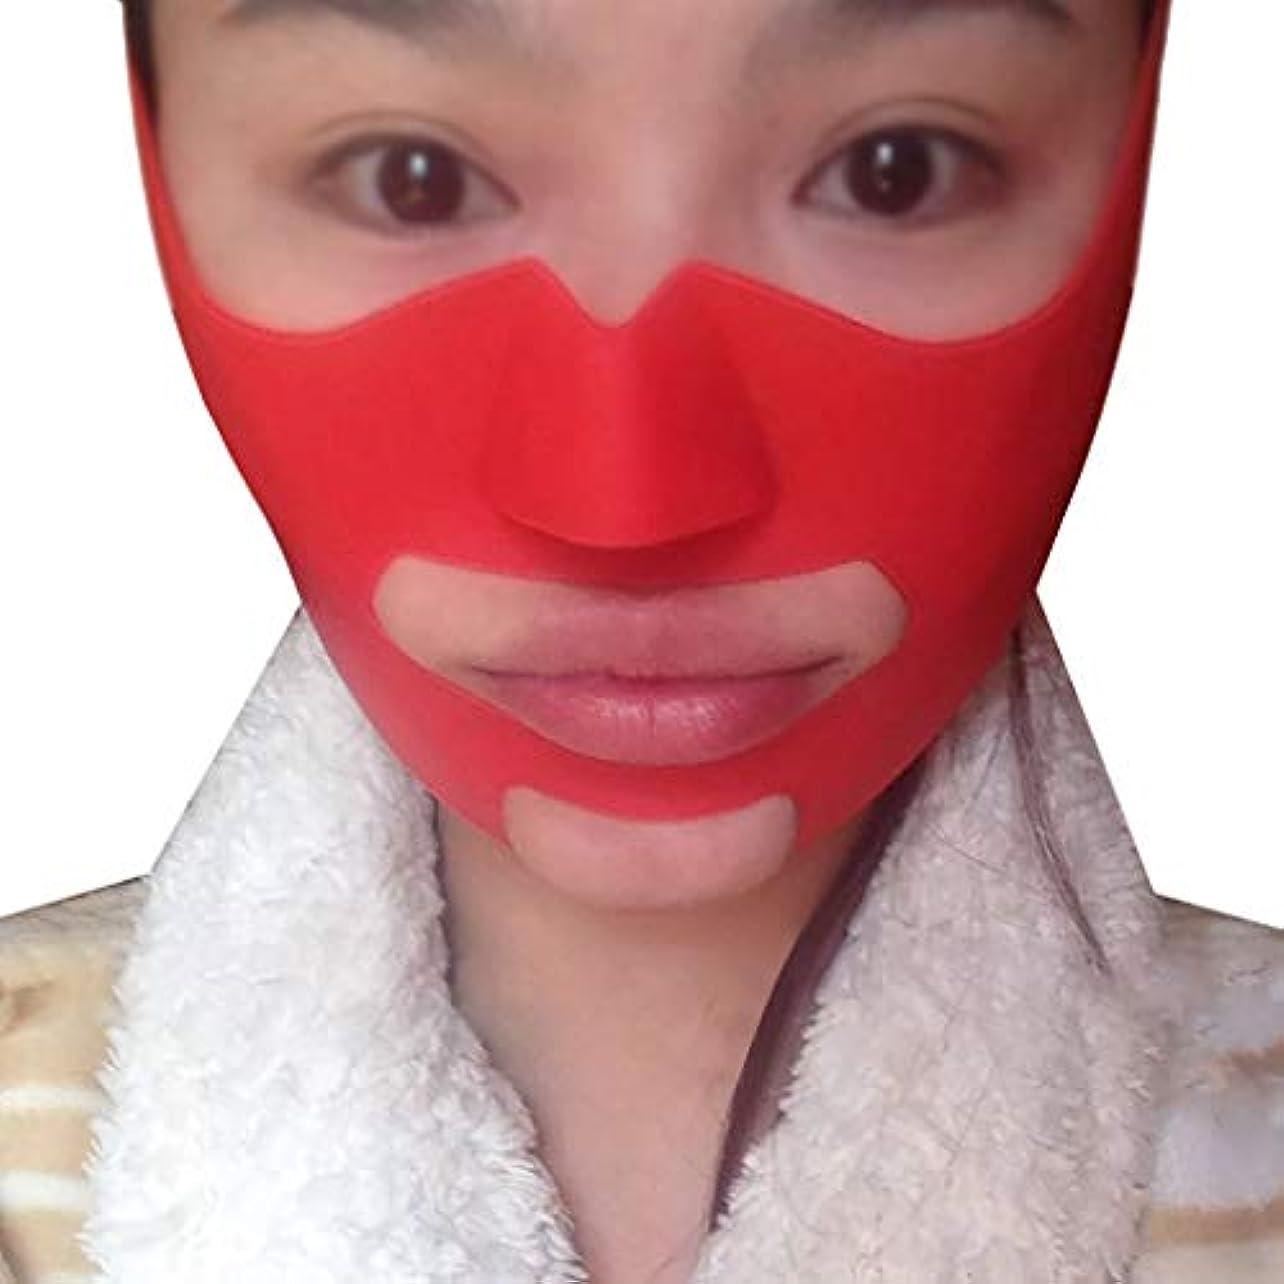 脇にお祝いカウンターパートフェイスリフトマスク、シリコーンVフェイスマスクフェイスマスク強力な薄い咬筋の筋肉は、パターンのアーティファクト小さなVフェイス包帯の顔と首のリフトを解くためにリンゴの筋肉を持ち上げます